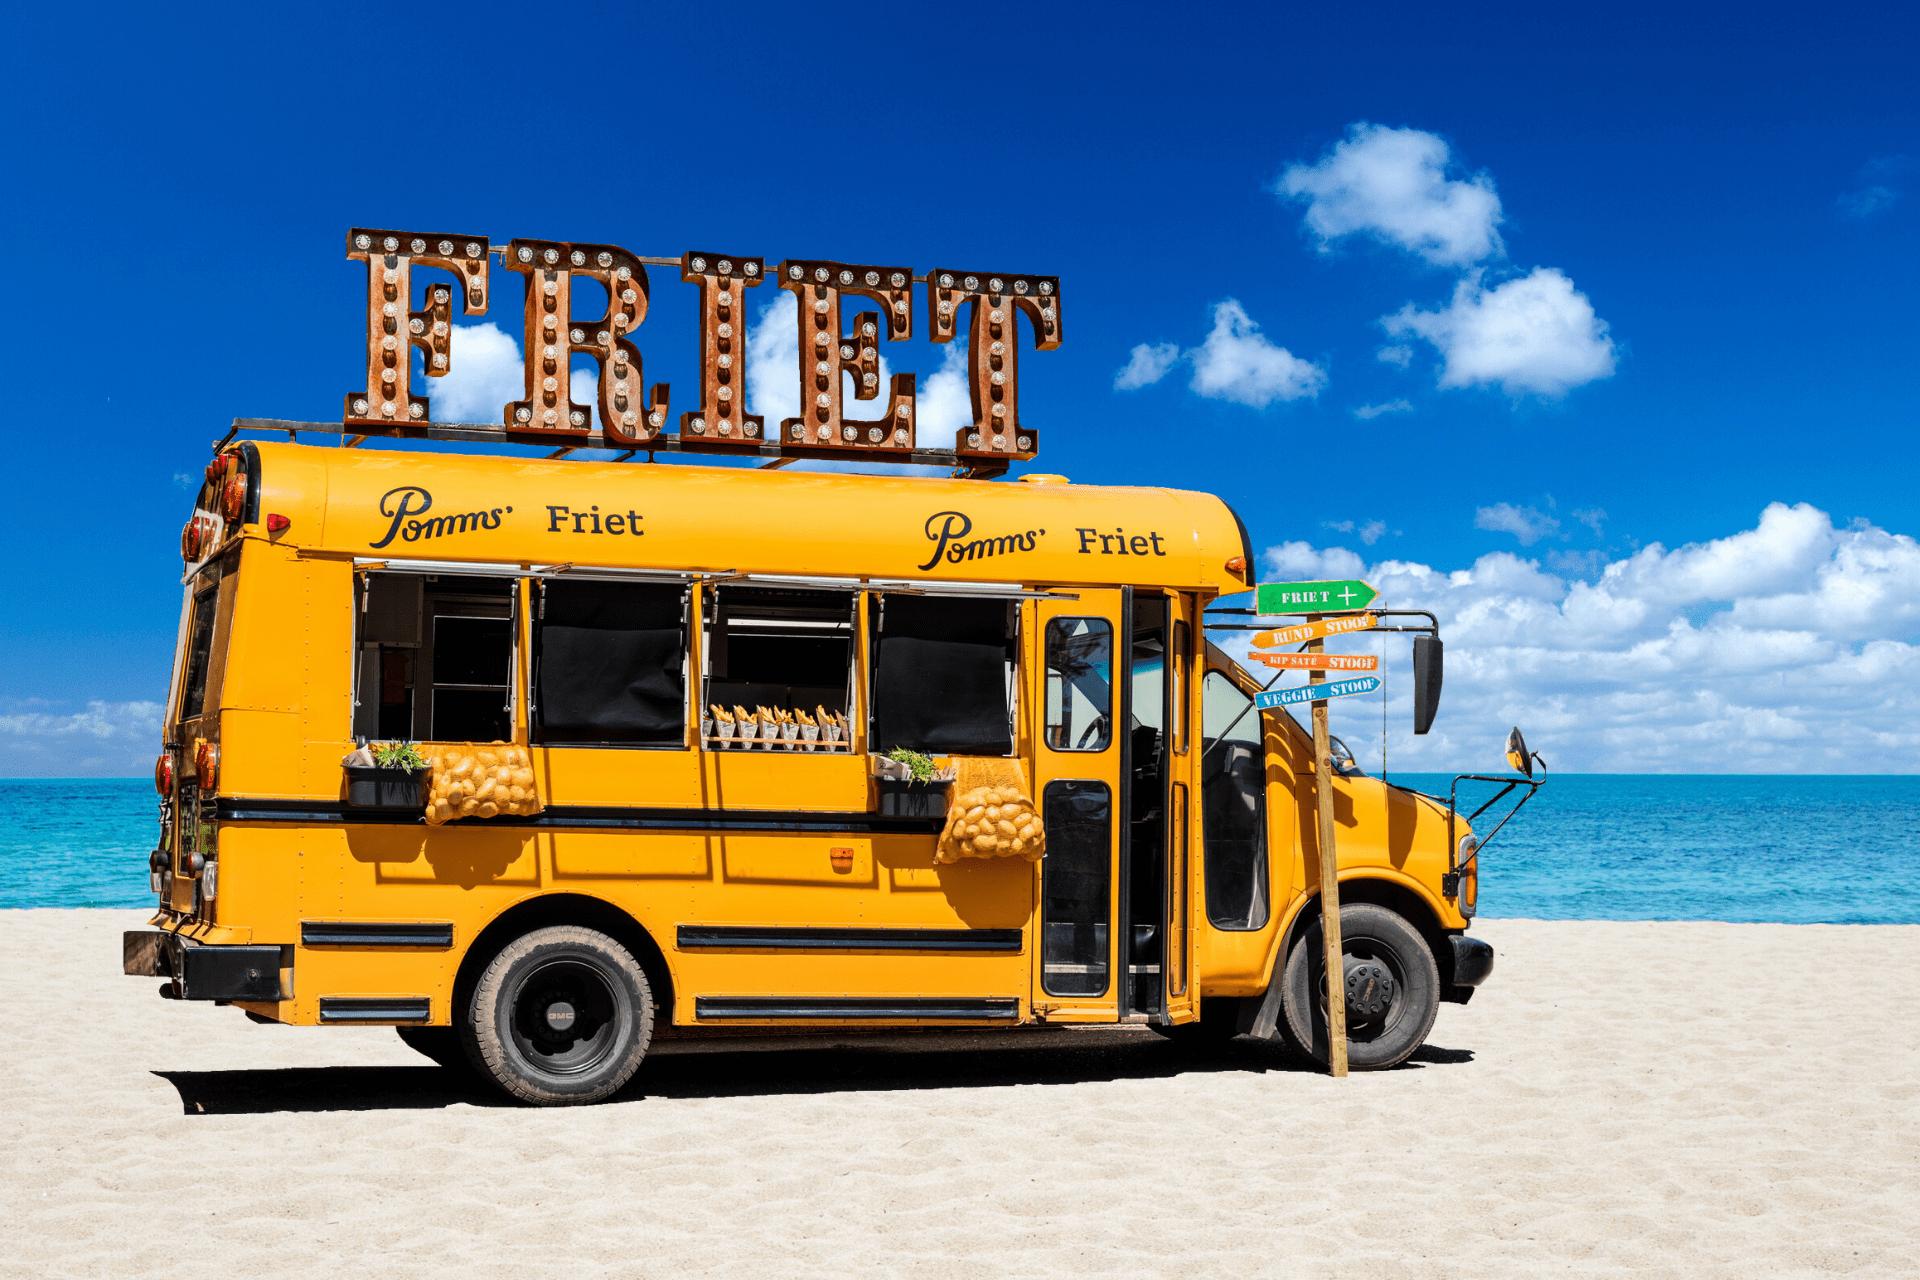 defrieschoolbus.nl | verhuur friet(foodtrucks) | Nederland | schoolbus friet strand